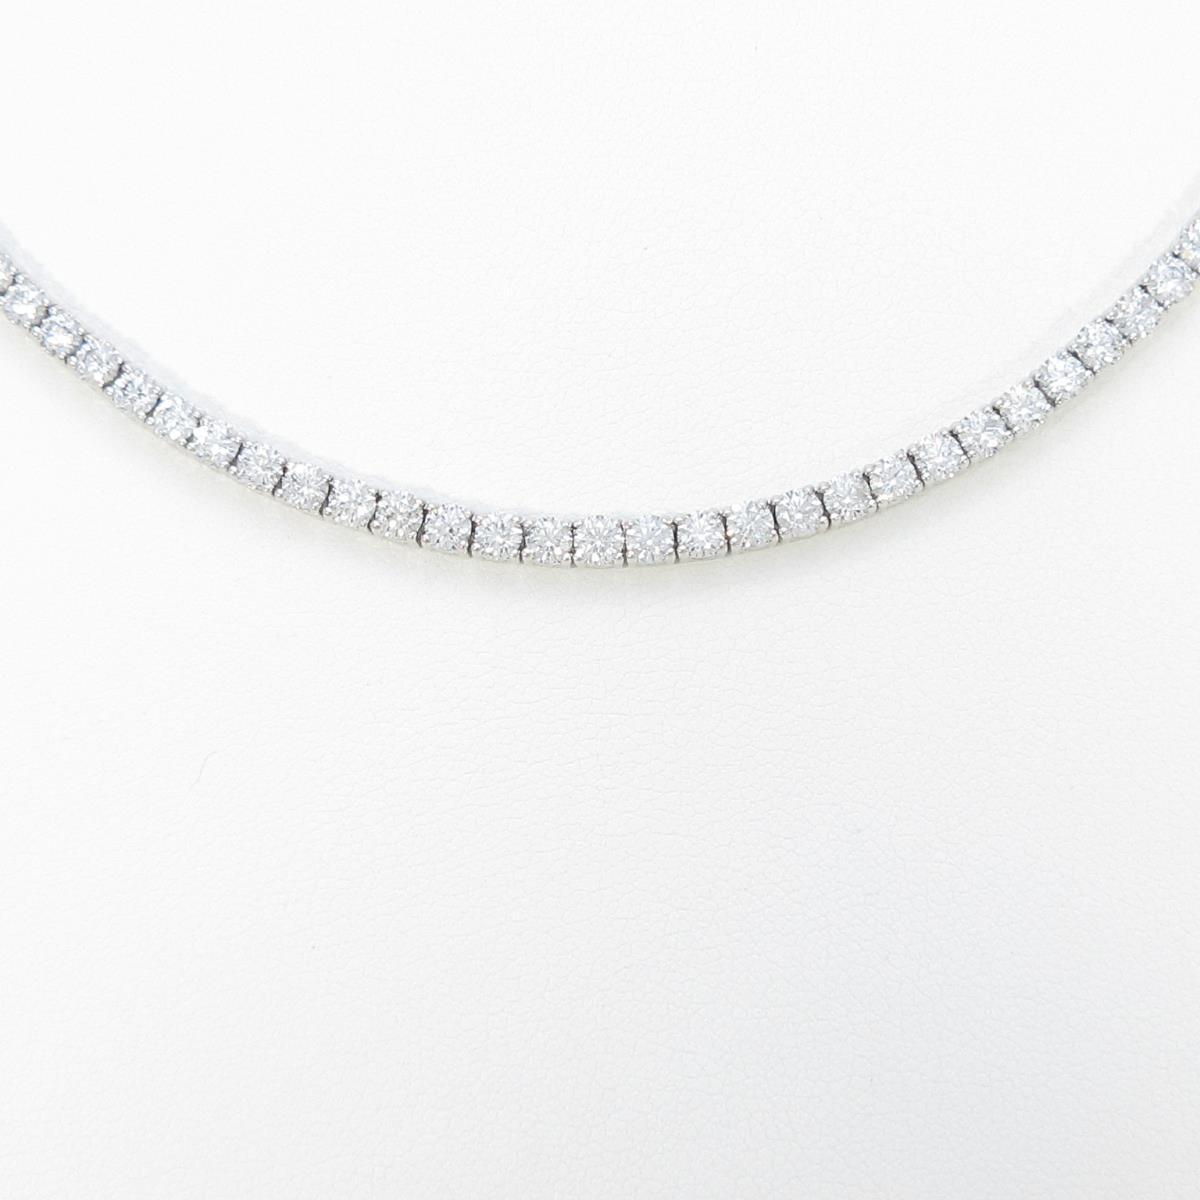 PT/K18WG ダイヤモンドネックレス【中古】